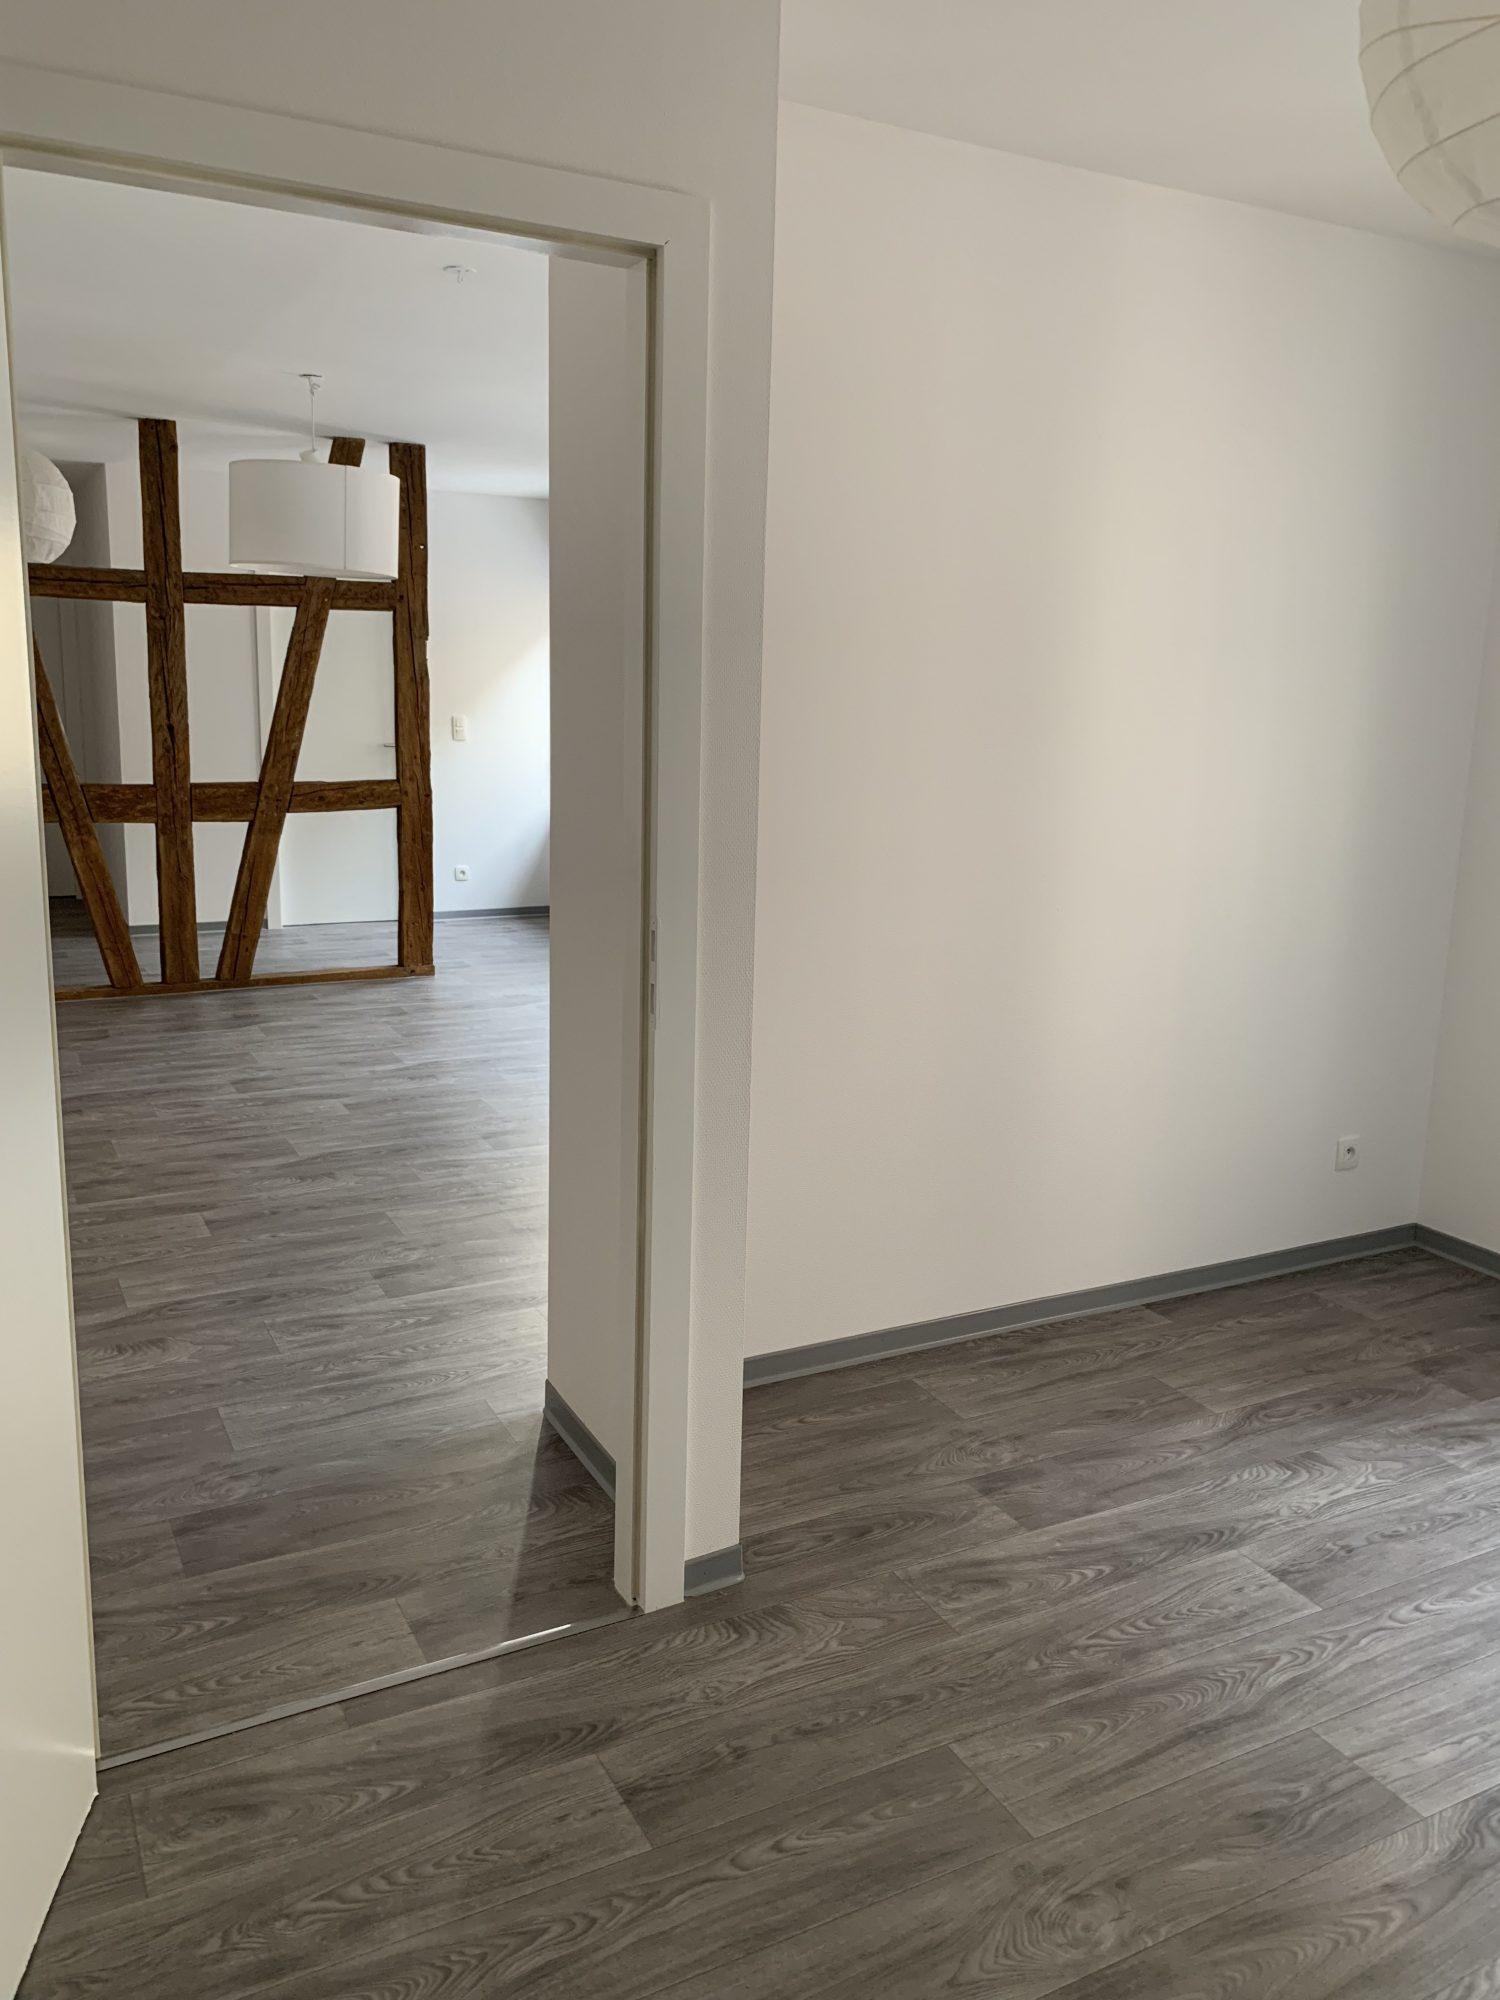 T2 HYPER CENTRE - Devenez locataire en toute sérénité - Bintz Immobilier - 7